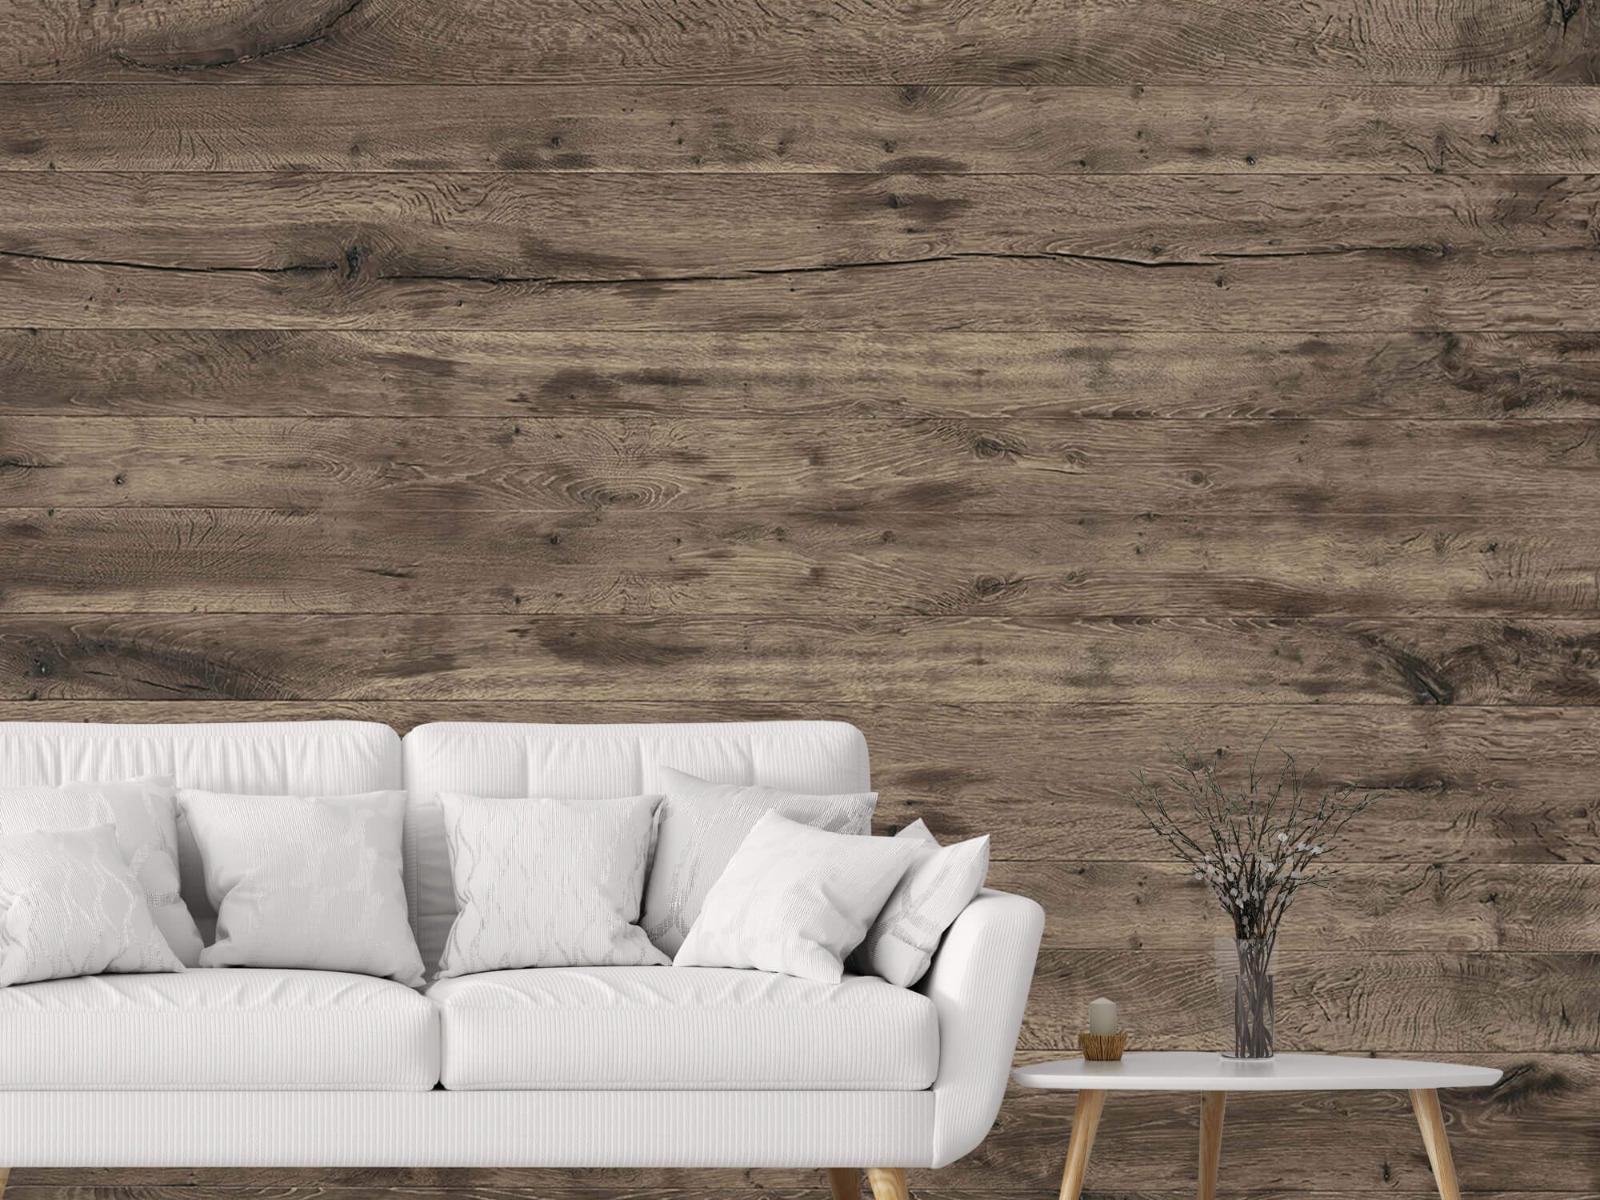 Hout behang - Rustieke houten planken - Garage 3